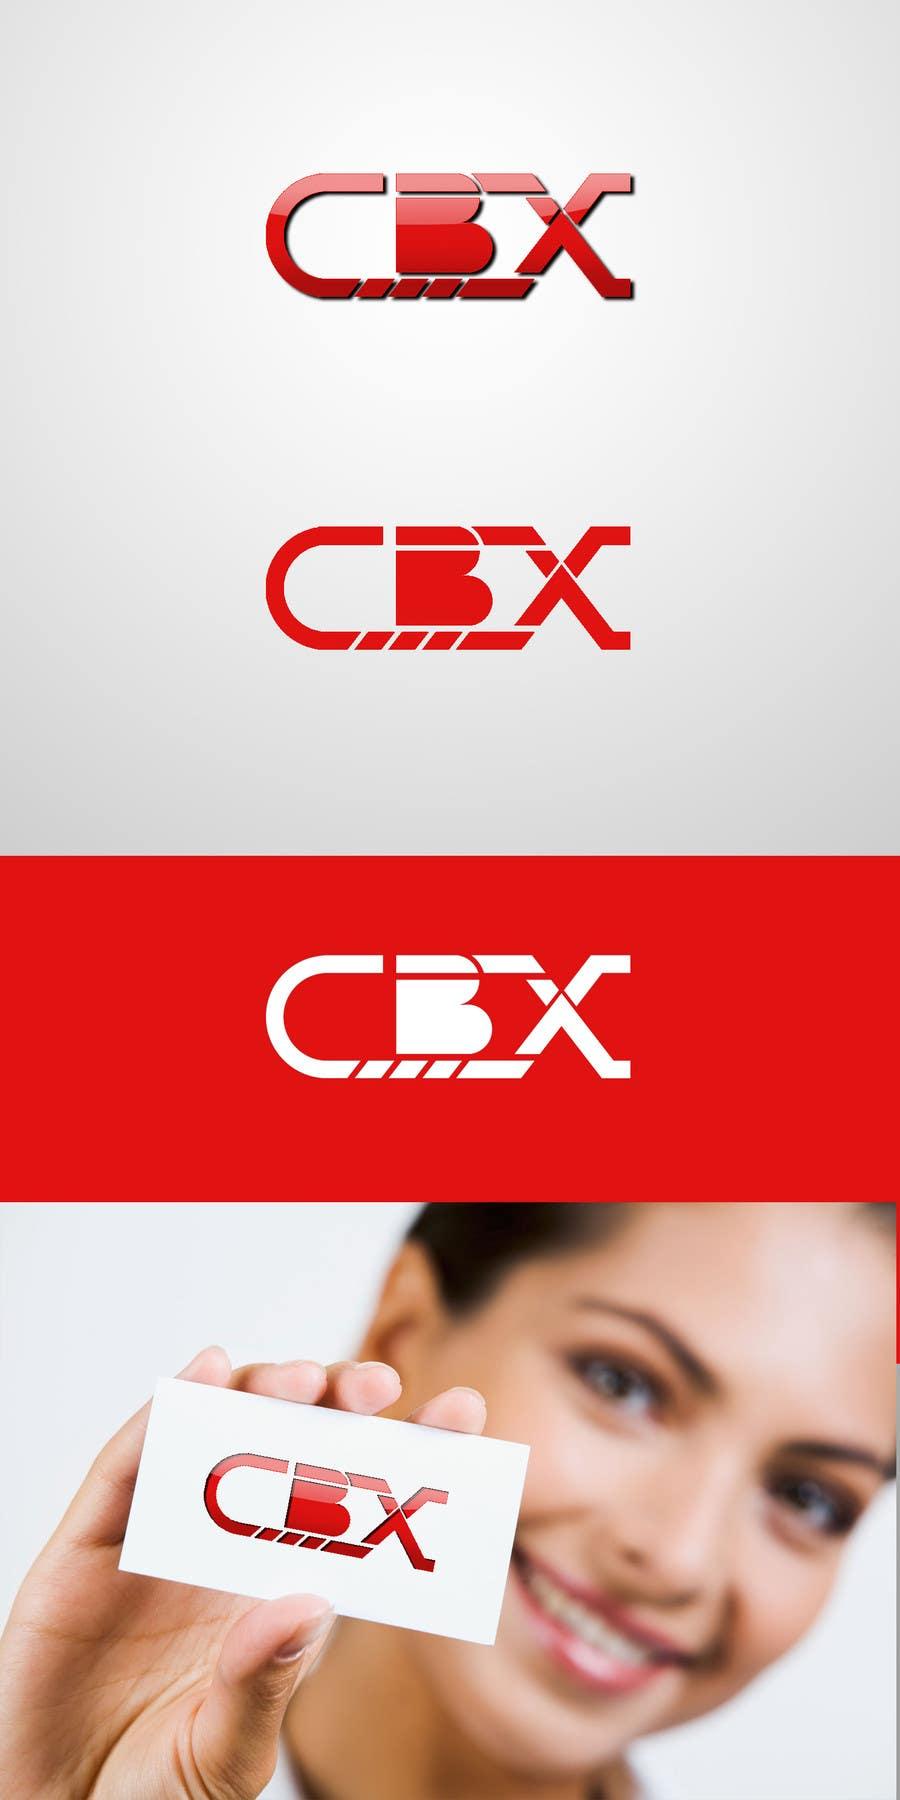 Penyertaan Peraduan #74 untuk Design logo CBX